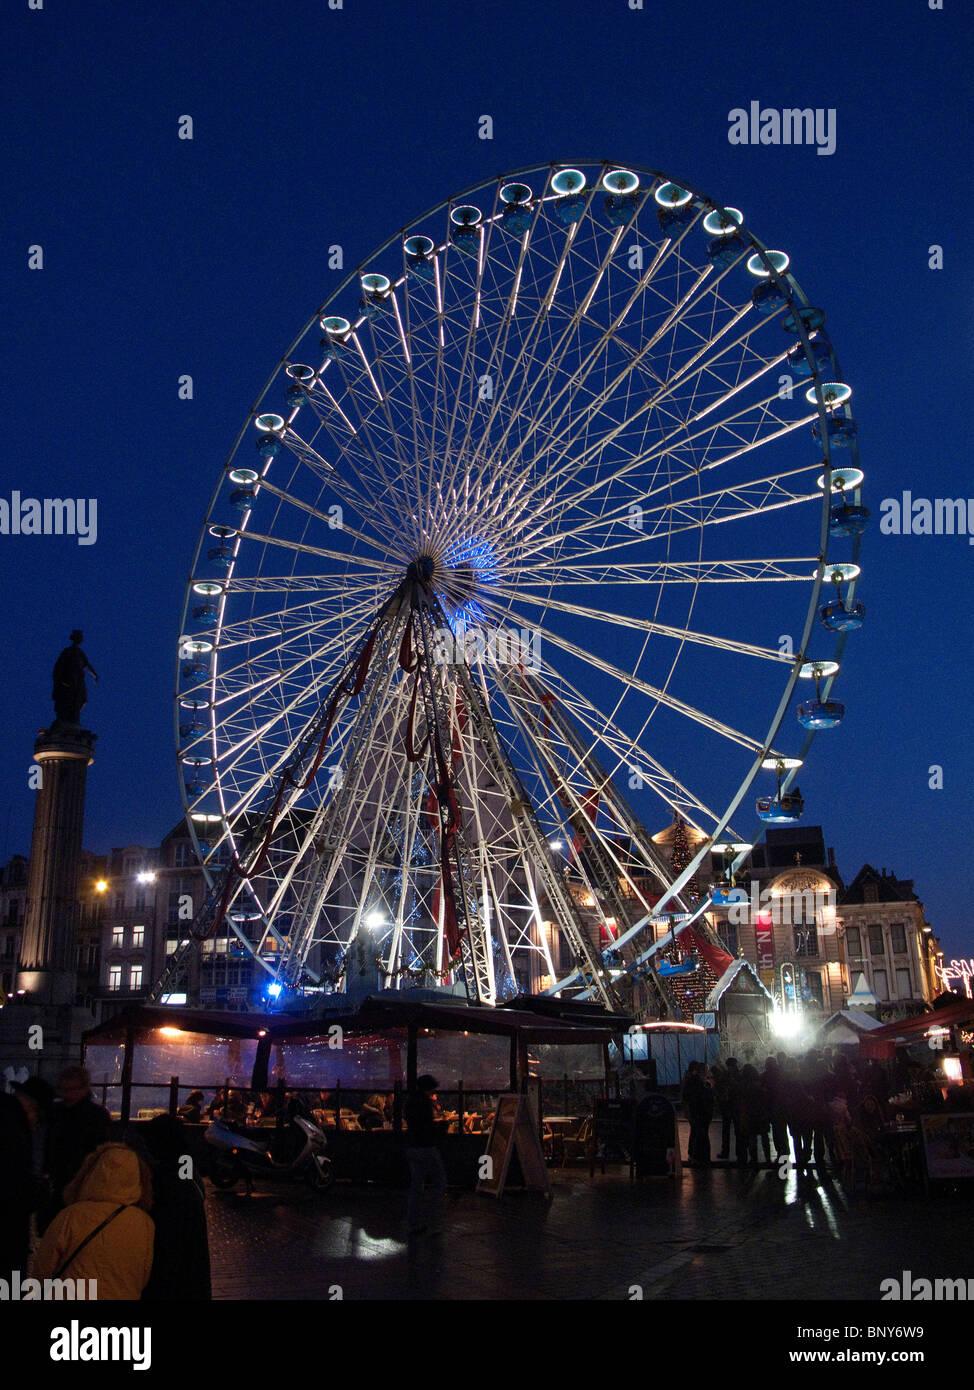 Grande roue à Grand Place, Lille, France, au crépuscule, pendant la période de Noël Photo Stock